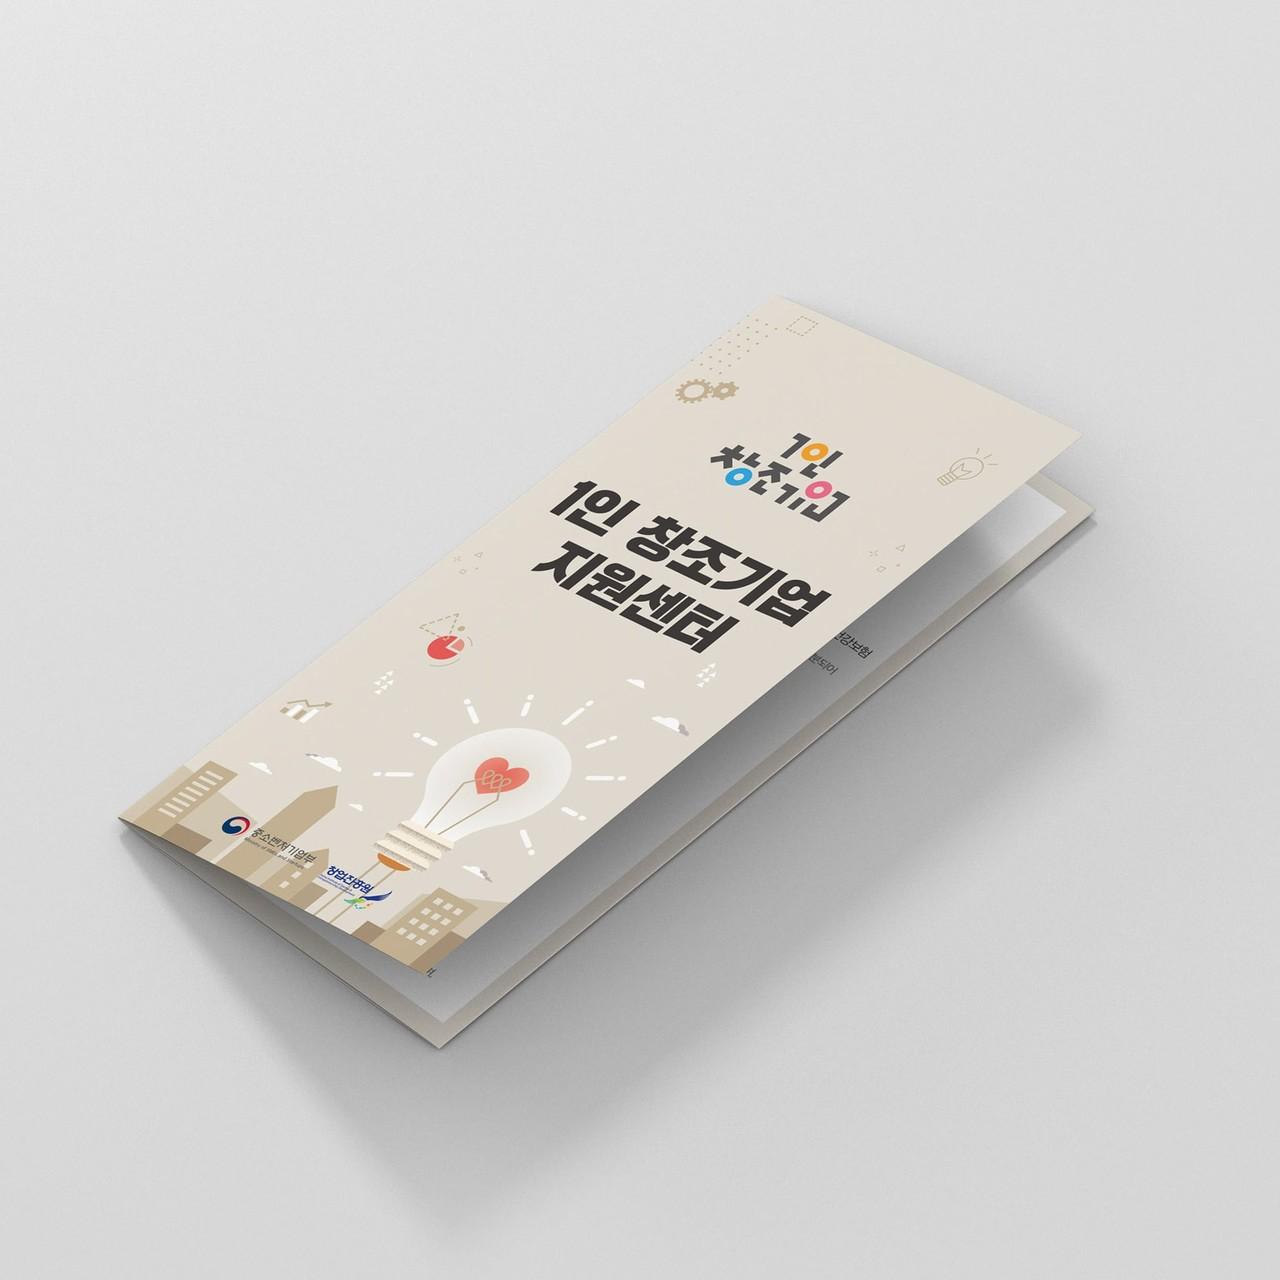 1인 창조기업 지원센터 리플렛 디자인 시안 - 창업진흥원